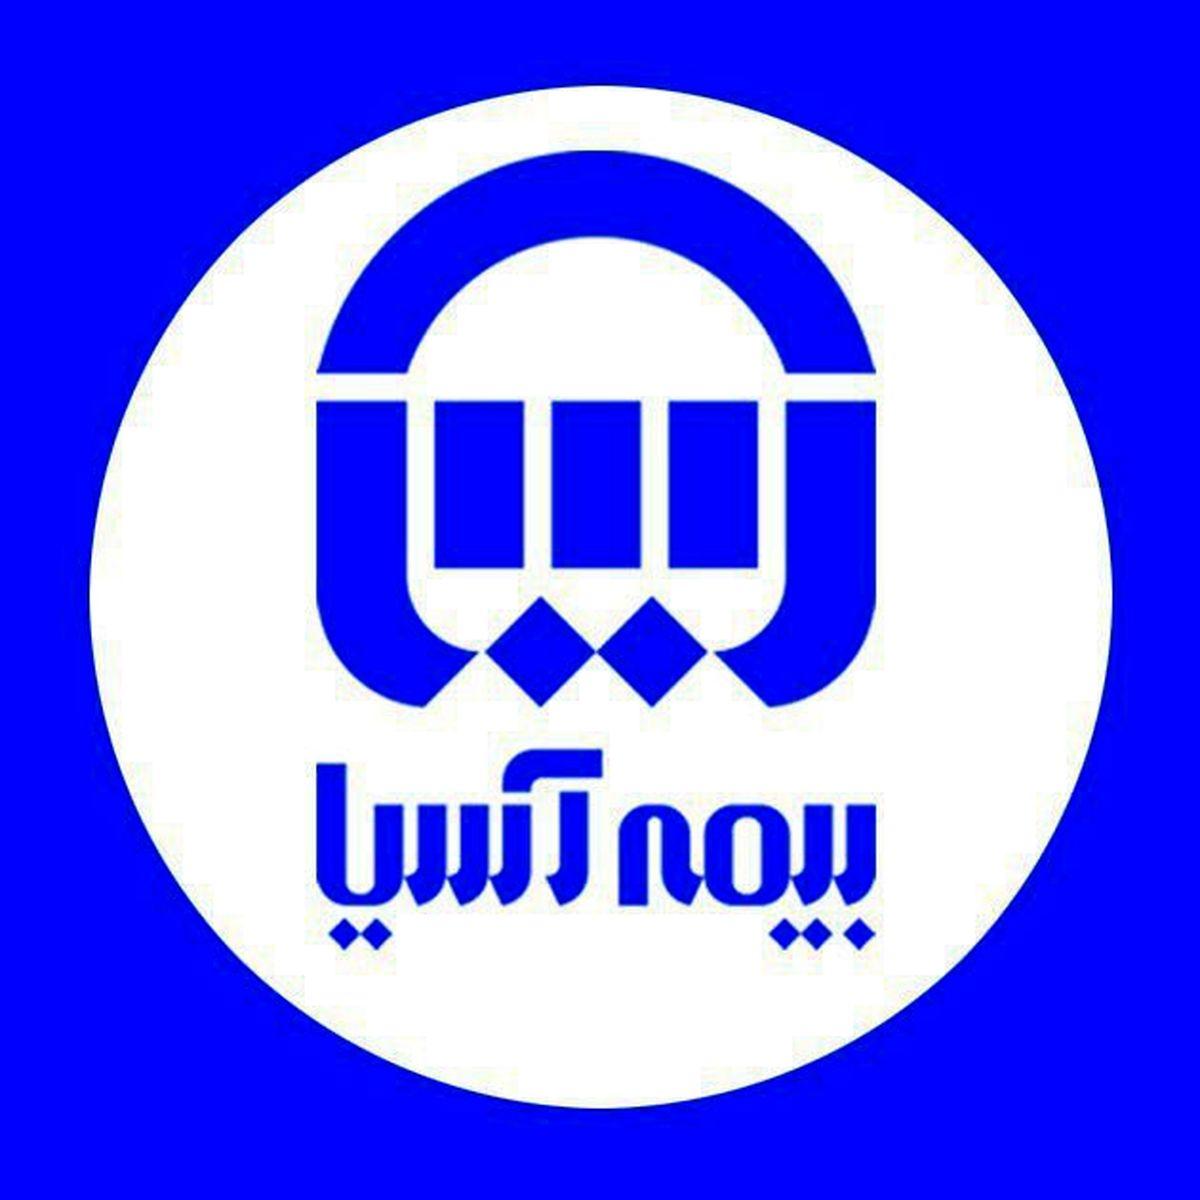 اطلاعیه بیمه اسیا در مورد ارائه خدمات پرداخت خسارت در استان های تهران و البرز